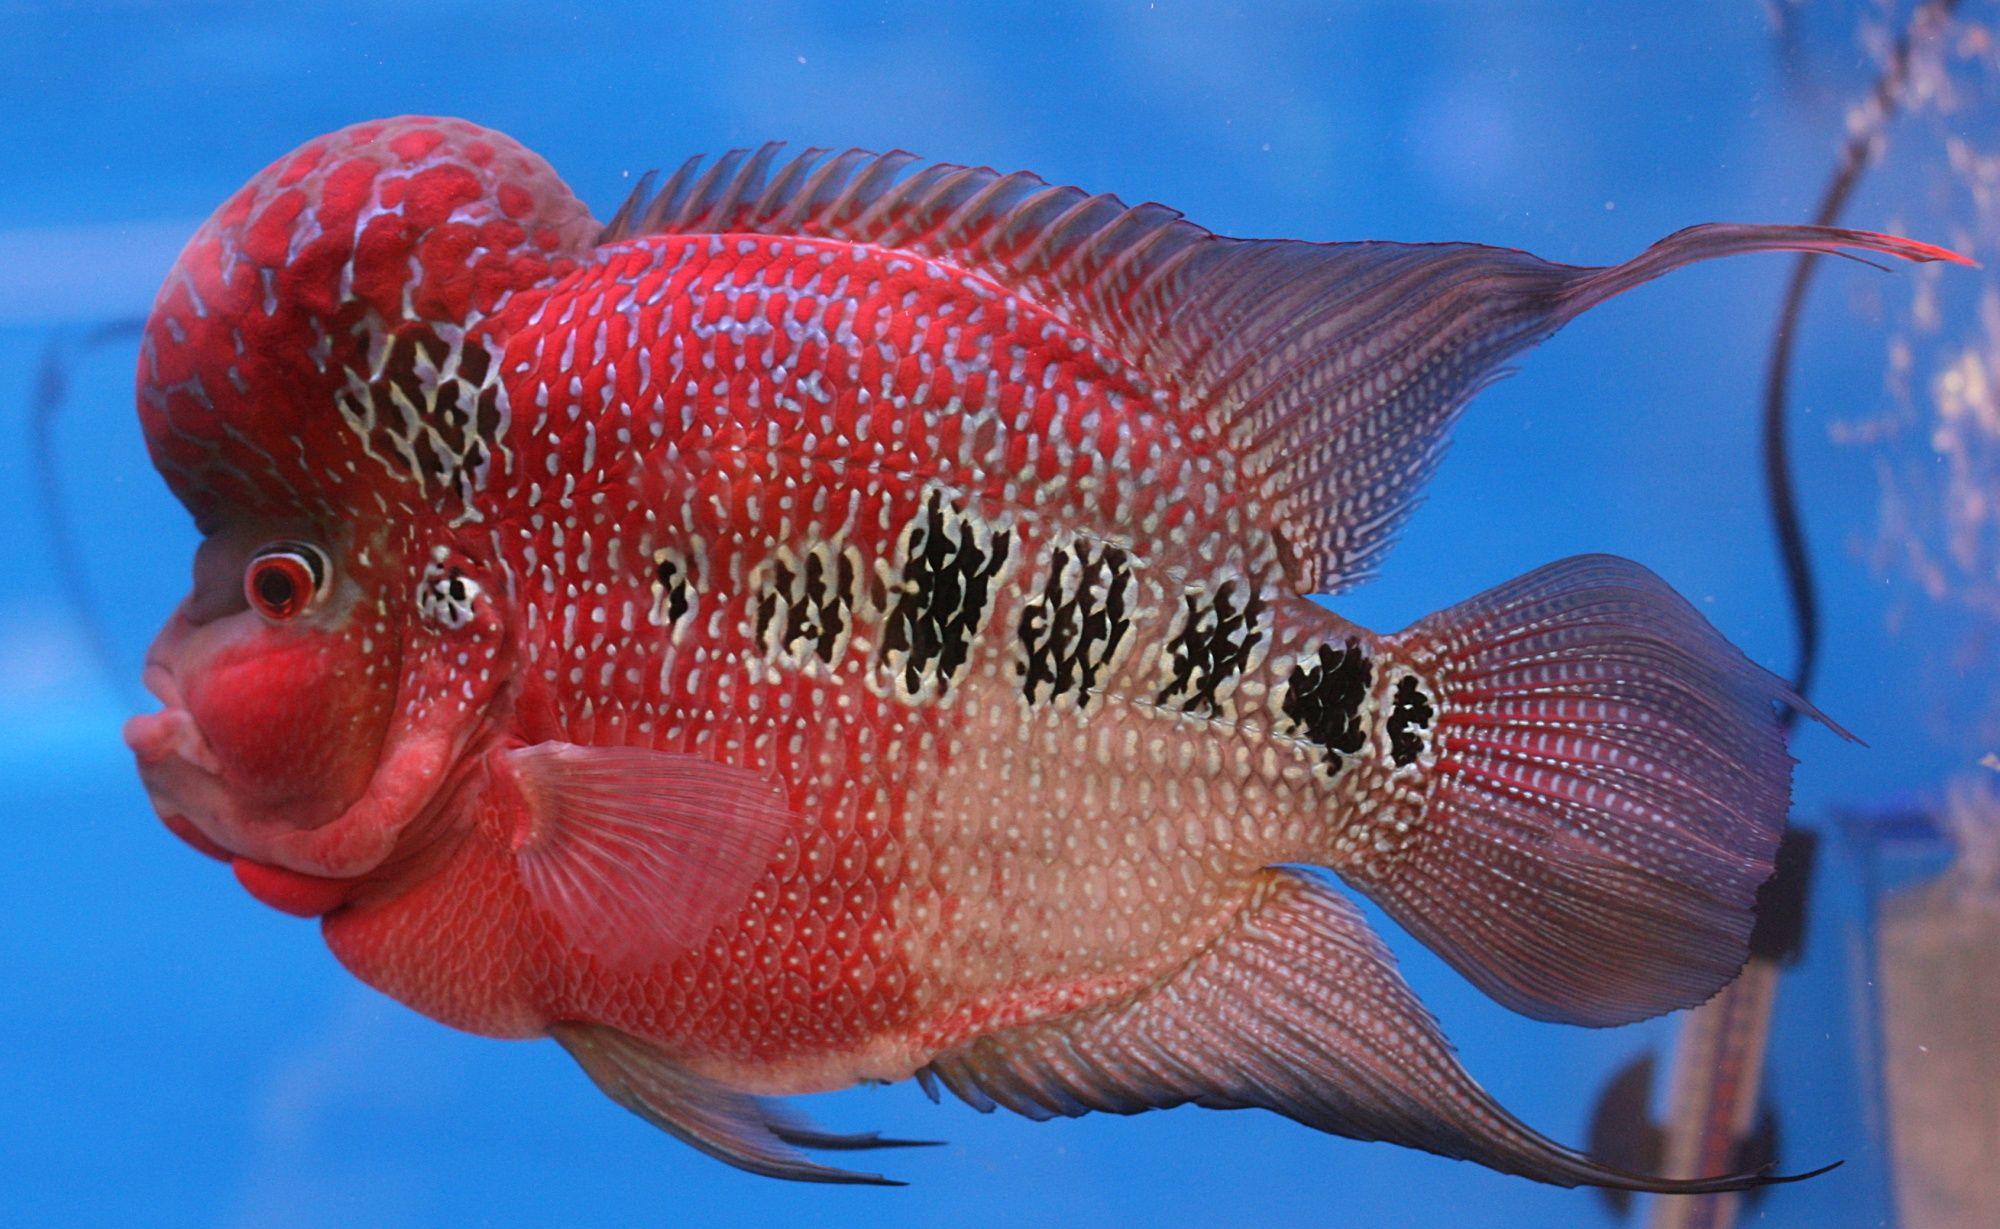 Flowerhorn Cichlid #red #fish #freshwater | aquarium life ...